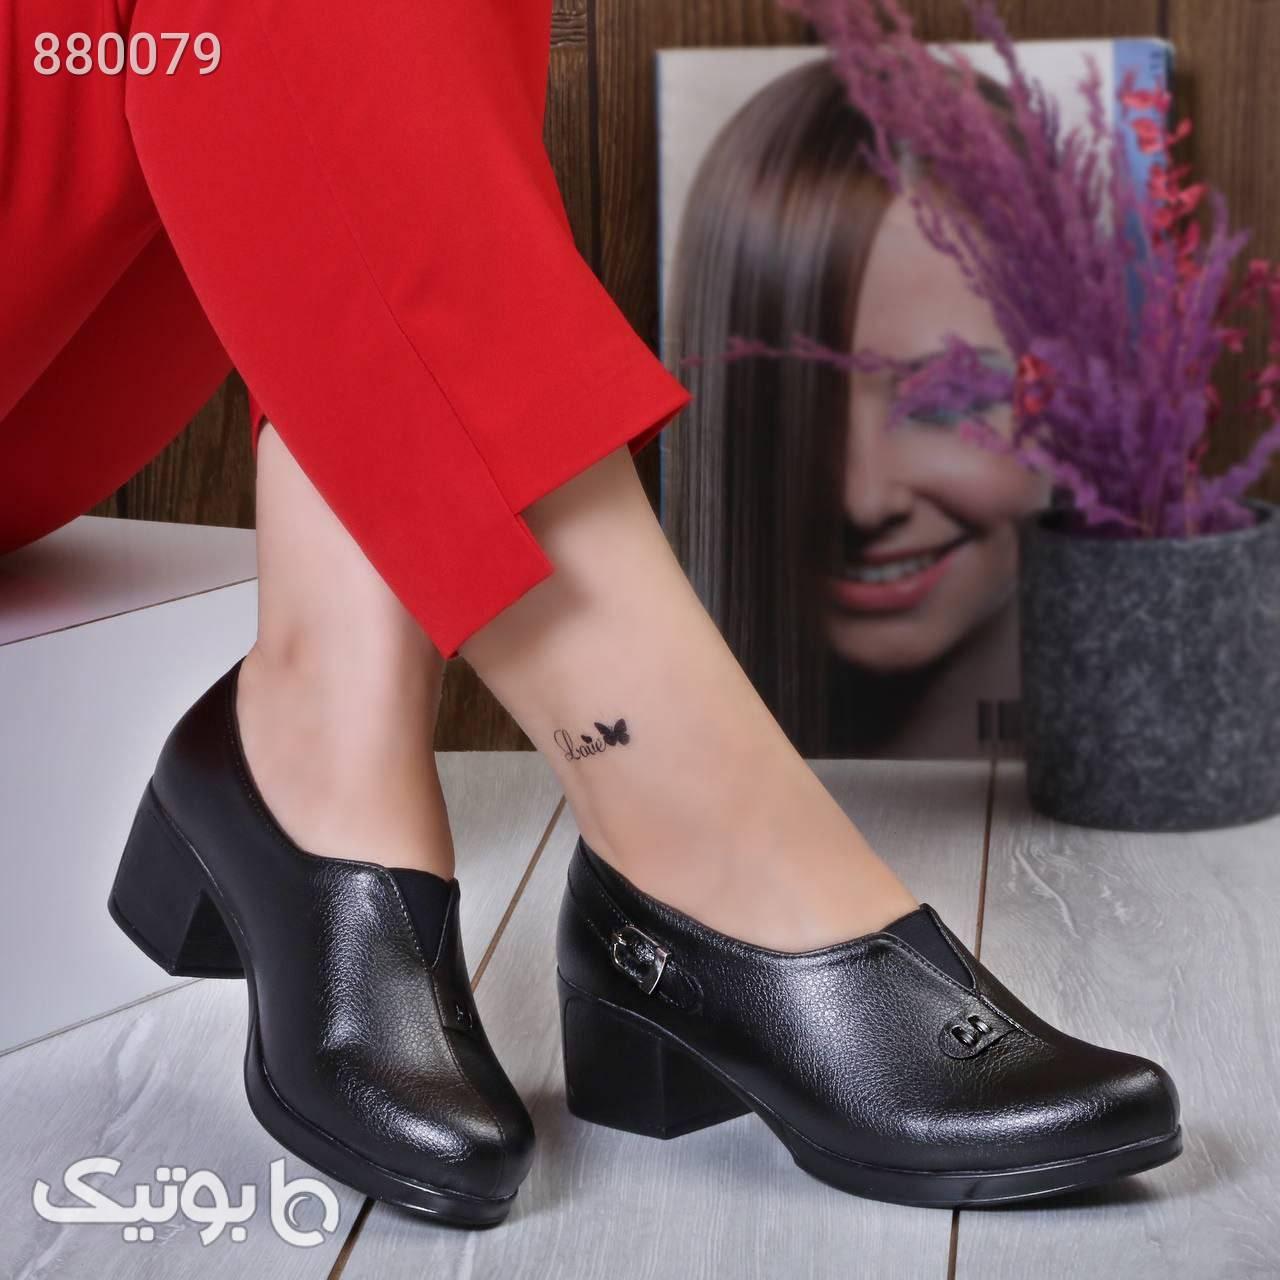 کفش شرانگ زیره پیو ۴سانت، سبک و راحت مشکی كفش پاشنه بلند زنانه